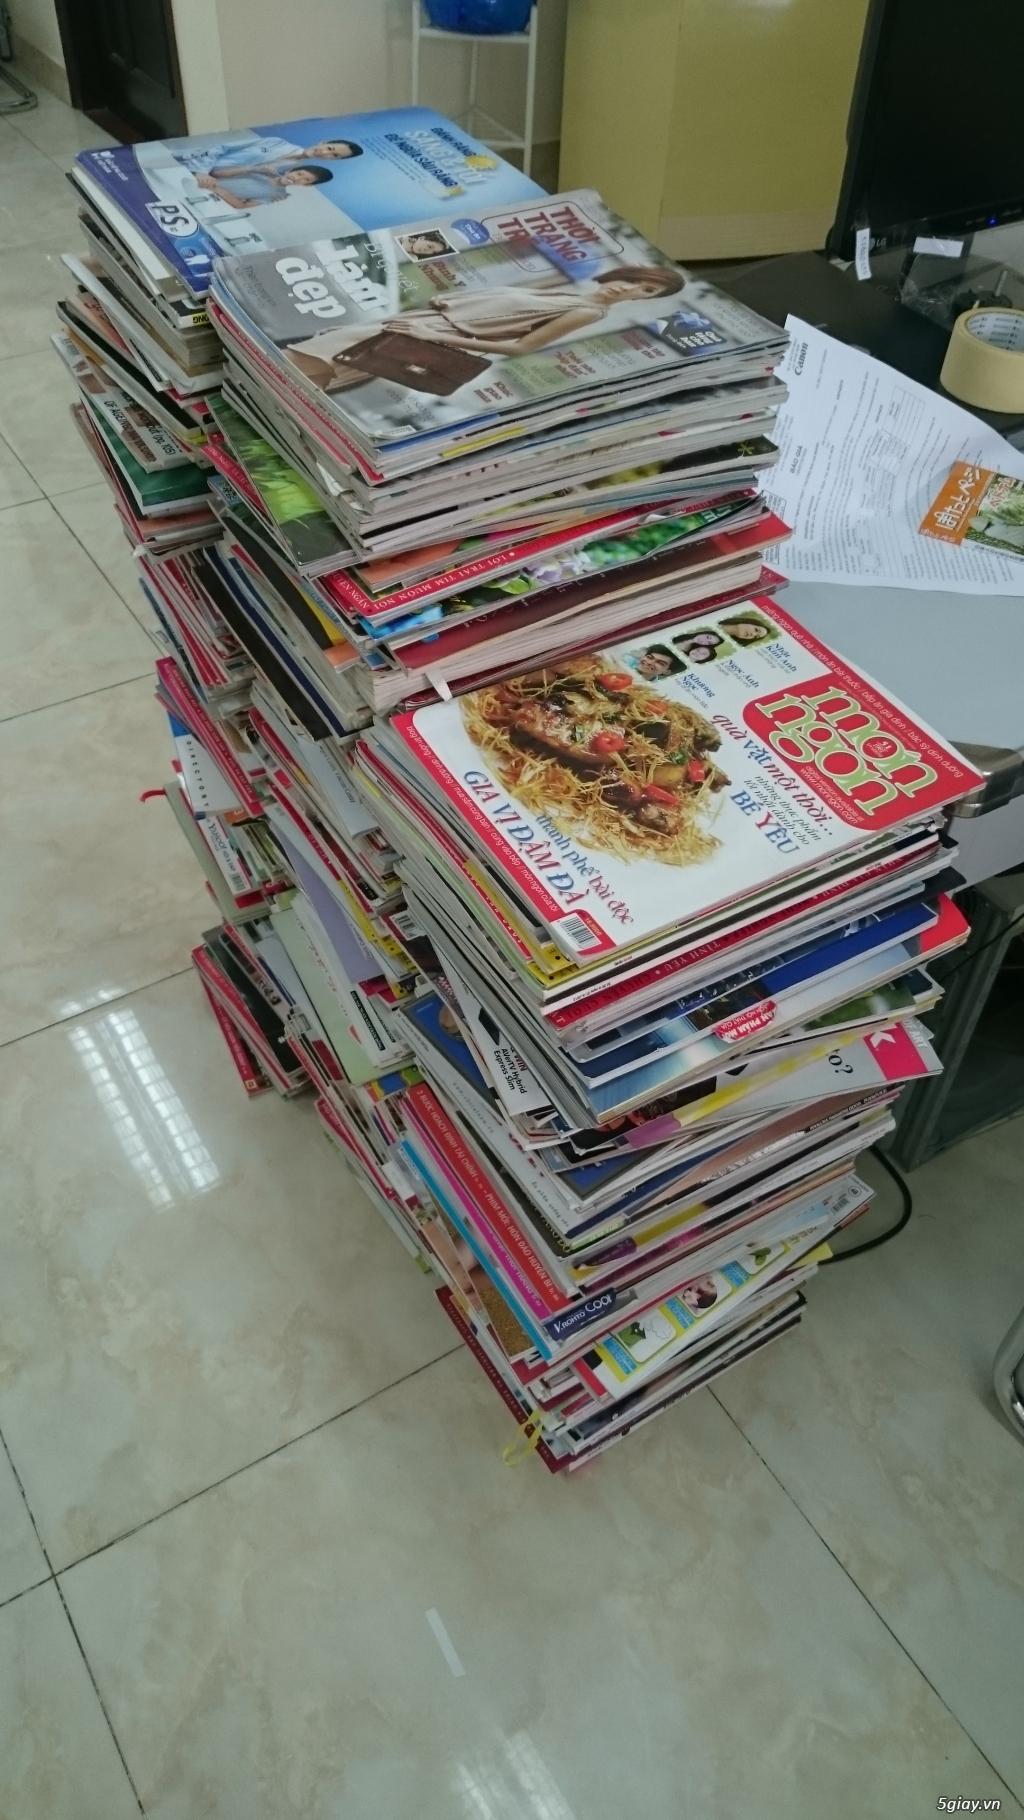 thanh lý báo, tạp chí cũ